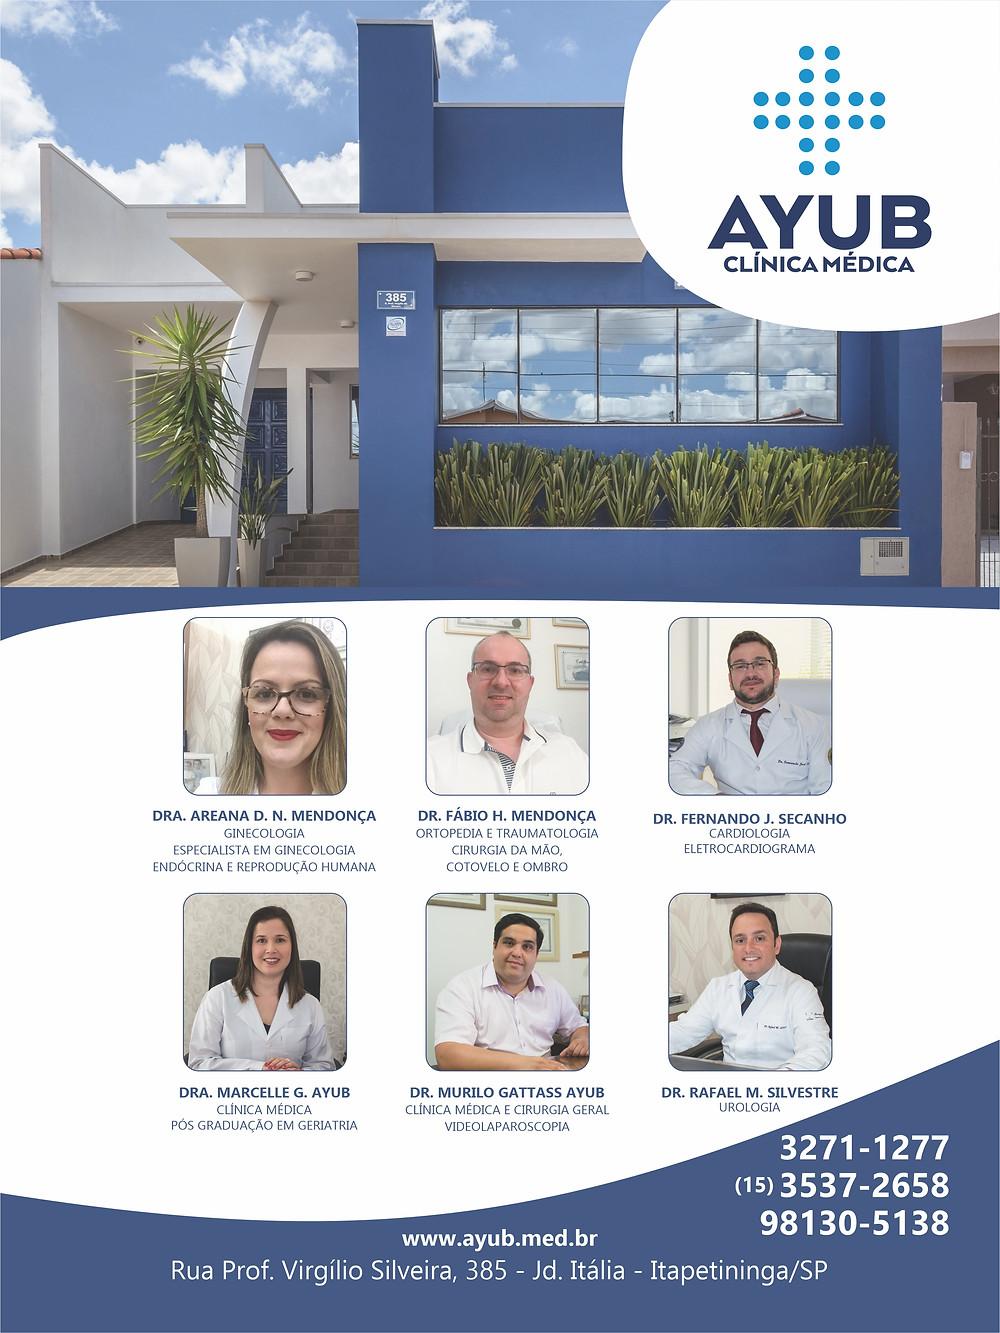 Anúncio da Clínica Médica Ayub na Revista Top da Cidade, edição 54, em Itapetininga